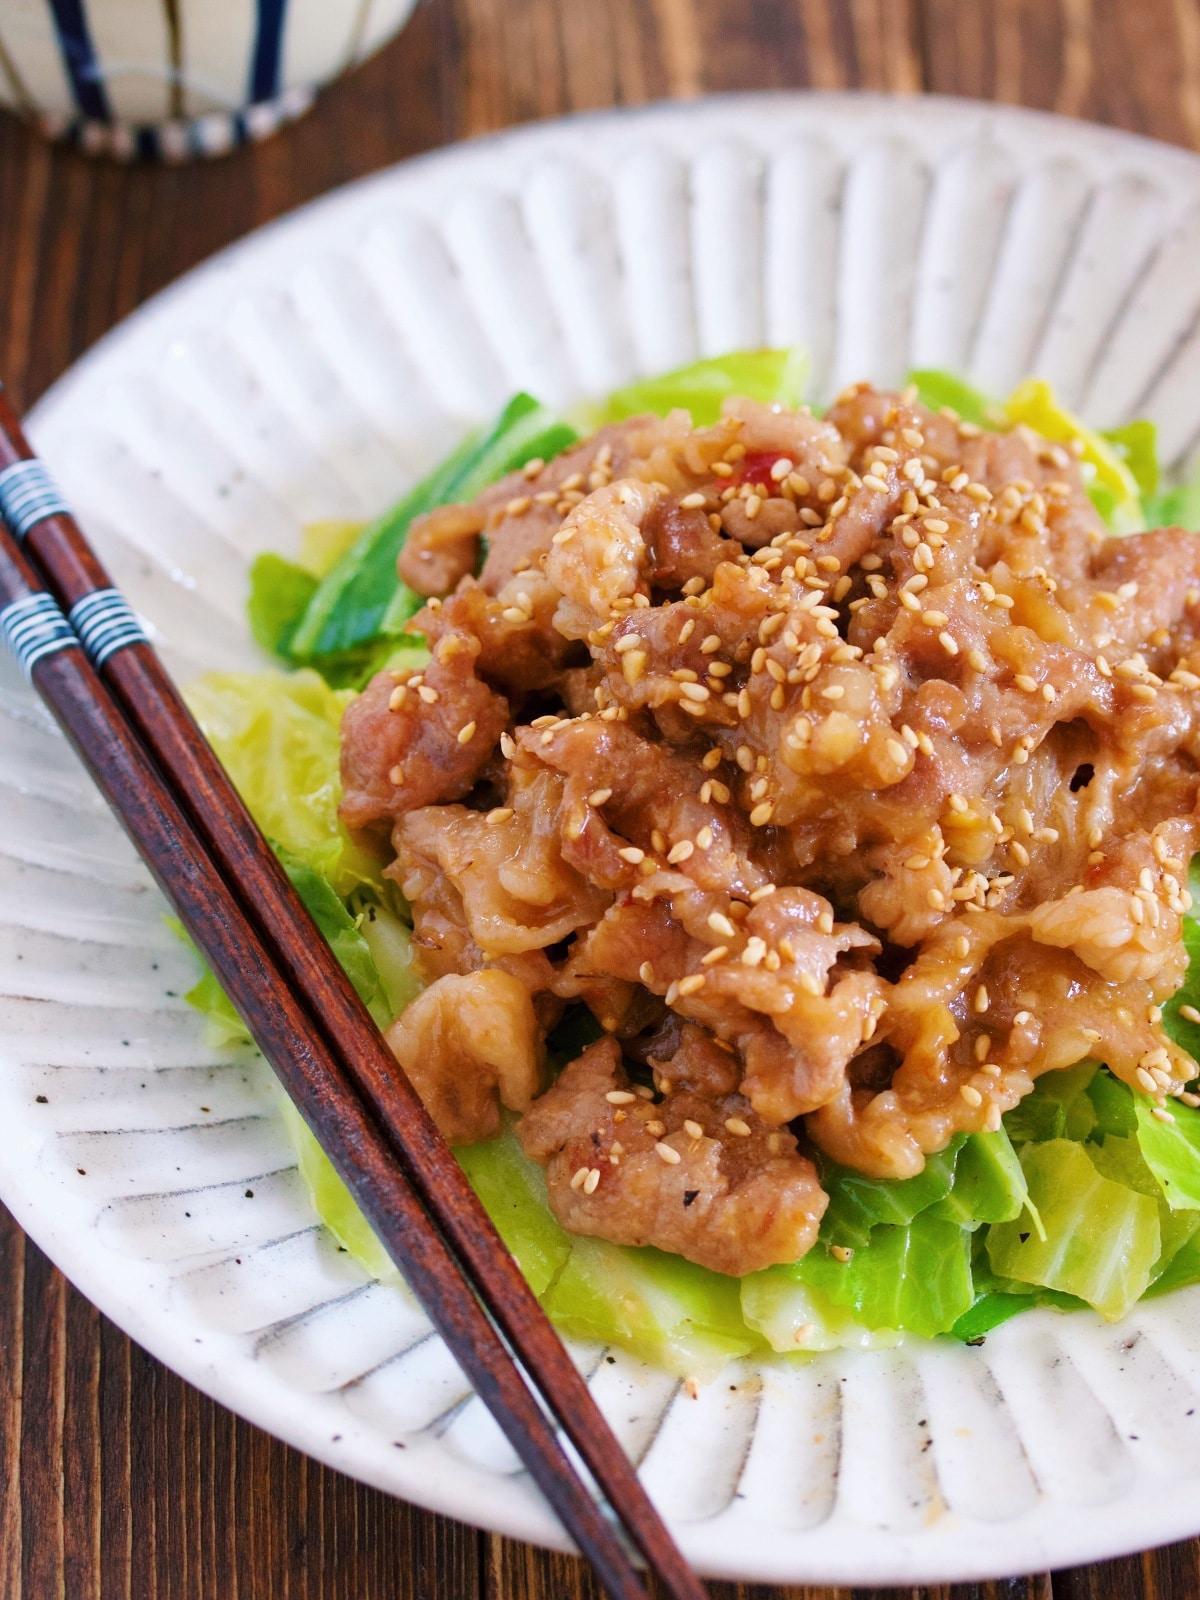 包丁いらず♪『春キャベツと豚こまのスタミナ味噌炒め』 by Yuu